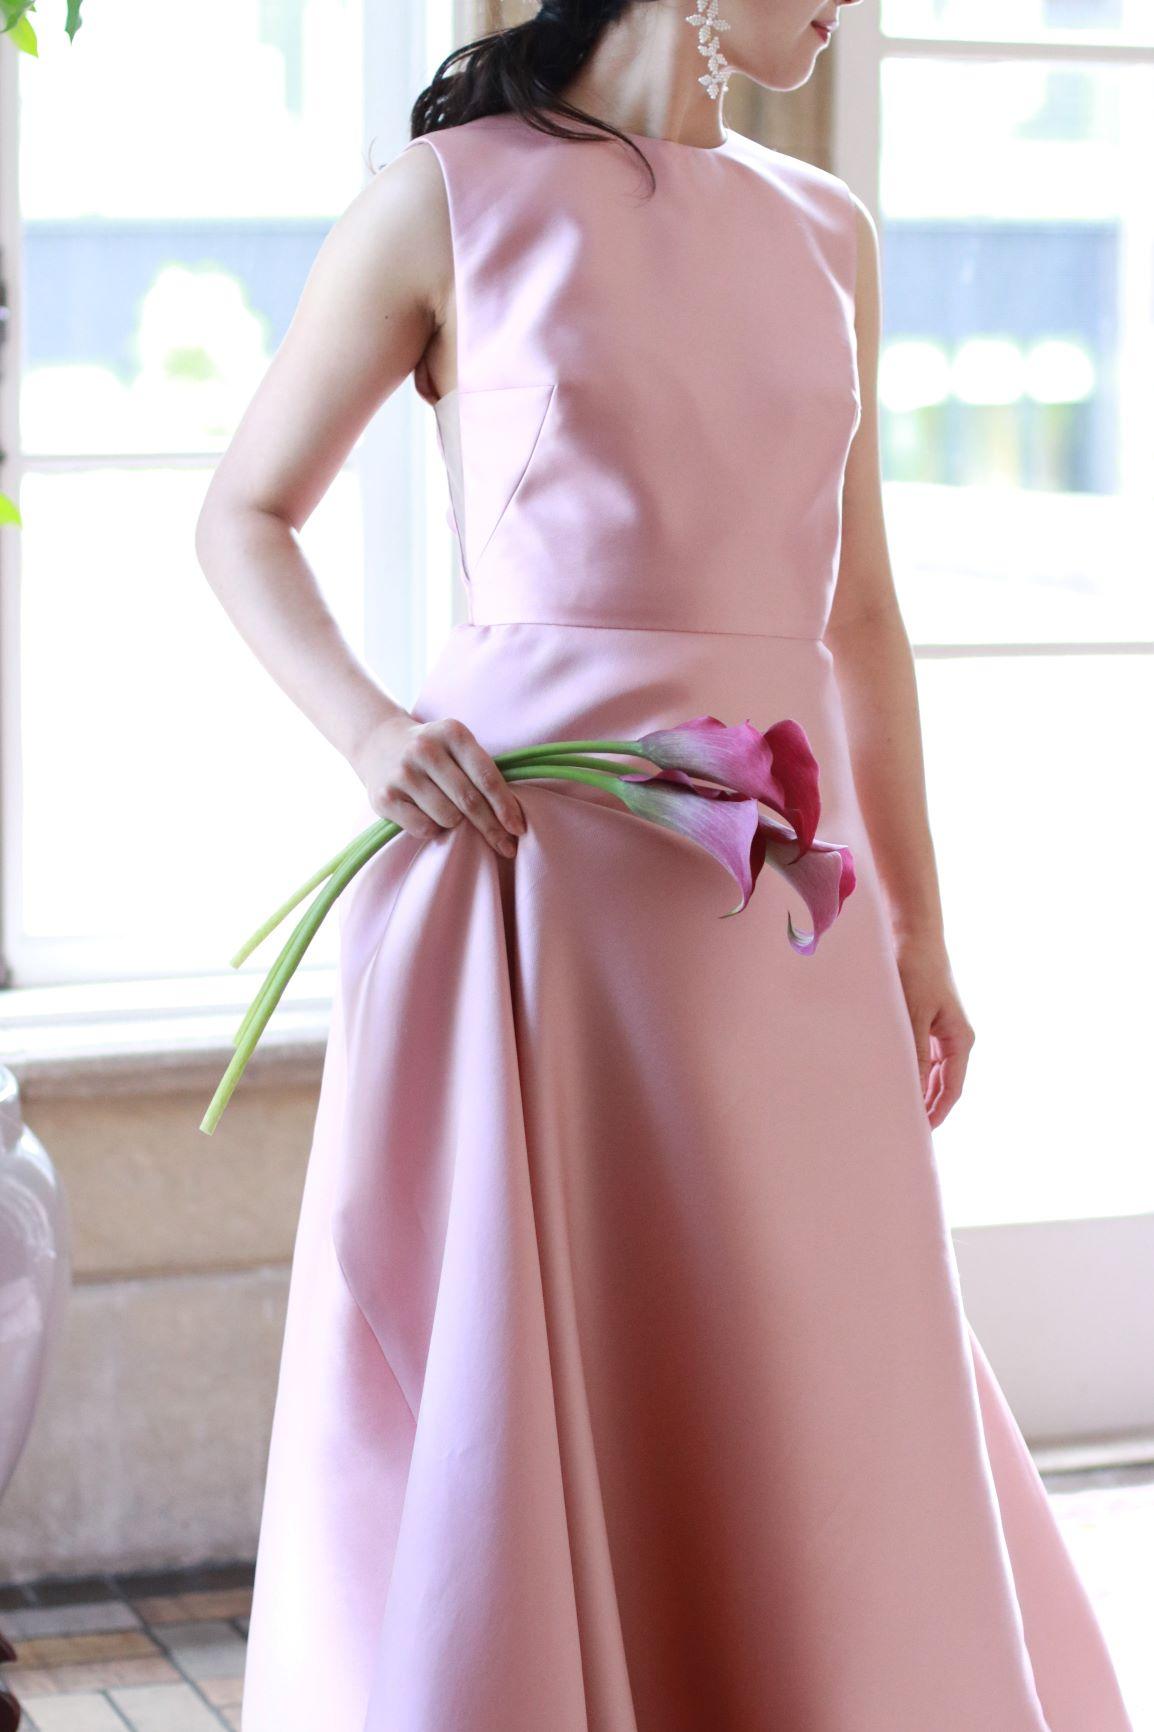 上質なシルクサテンの素材とモダンなデザインが美しいリーム・アクラの新作カラードレスは、シンプルさのなかにもオリジナリティあふれるお洒落なスタイルを求める花嫁様におすすめです